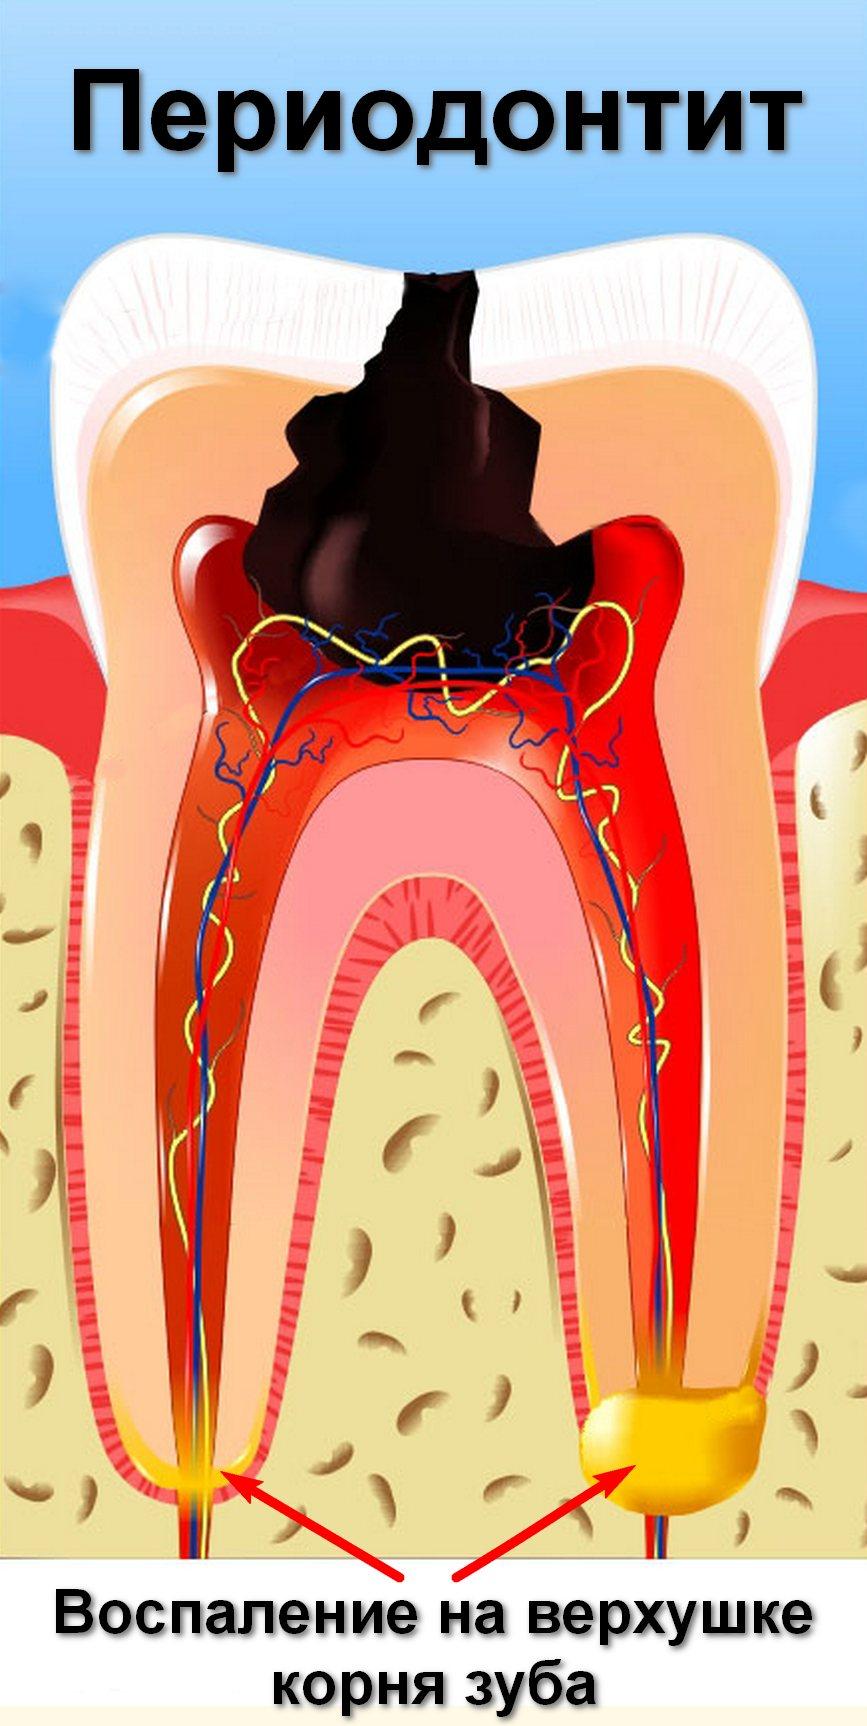 Пульпит острый и хронический. причины, симптомы, диагностика, осложнения и лечение пульпита. виды пульпита: фибринозный, гангренозный, гнойный, гипертрофический. :: polismed.com